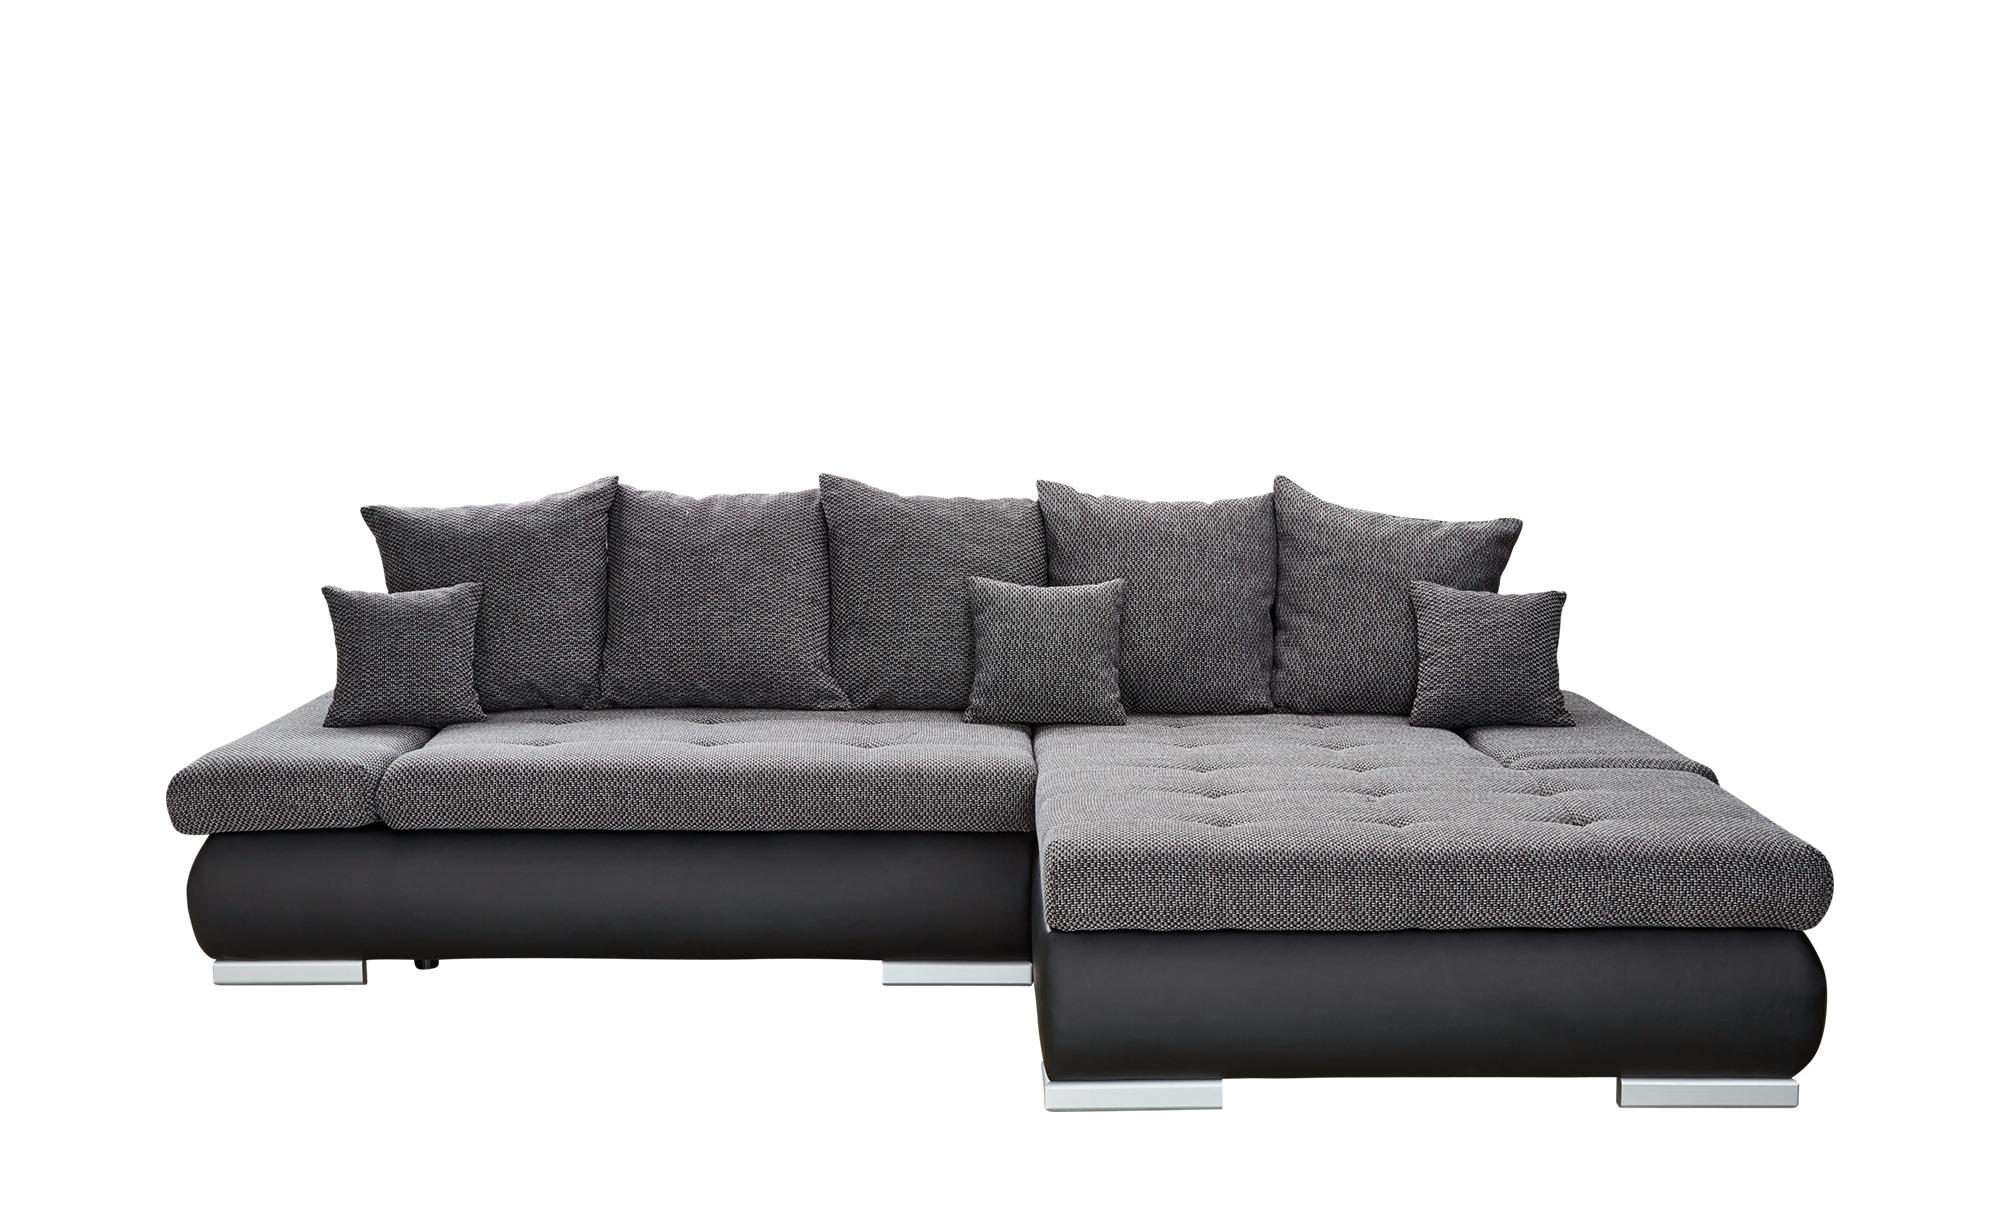 Switch Eckcouch Mit Schlaffunktion Schwarz Grau Kunstleder Webstoff Ivan In 2020 Eckcouch Gunstige Sofas Und Couch